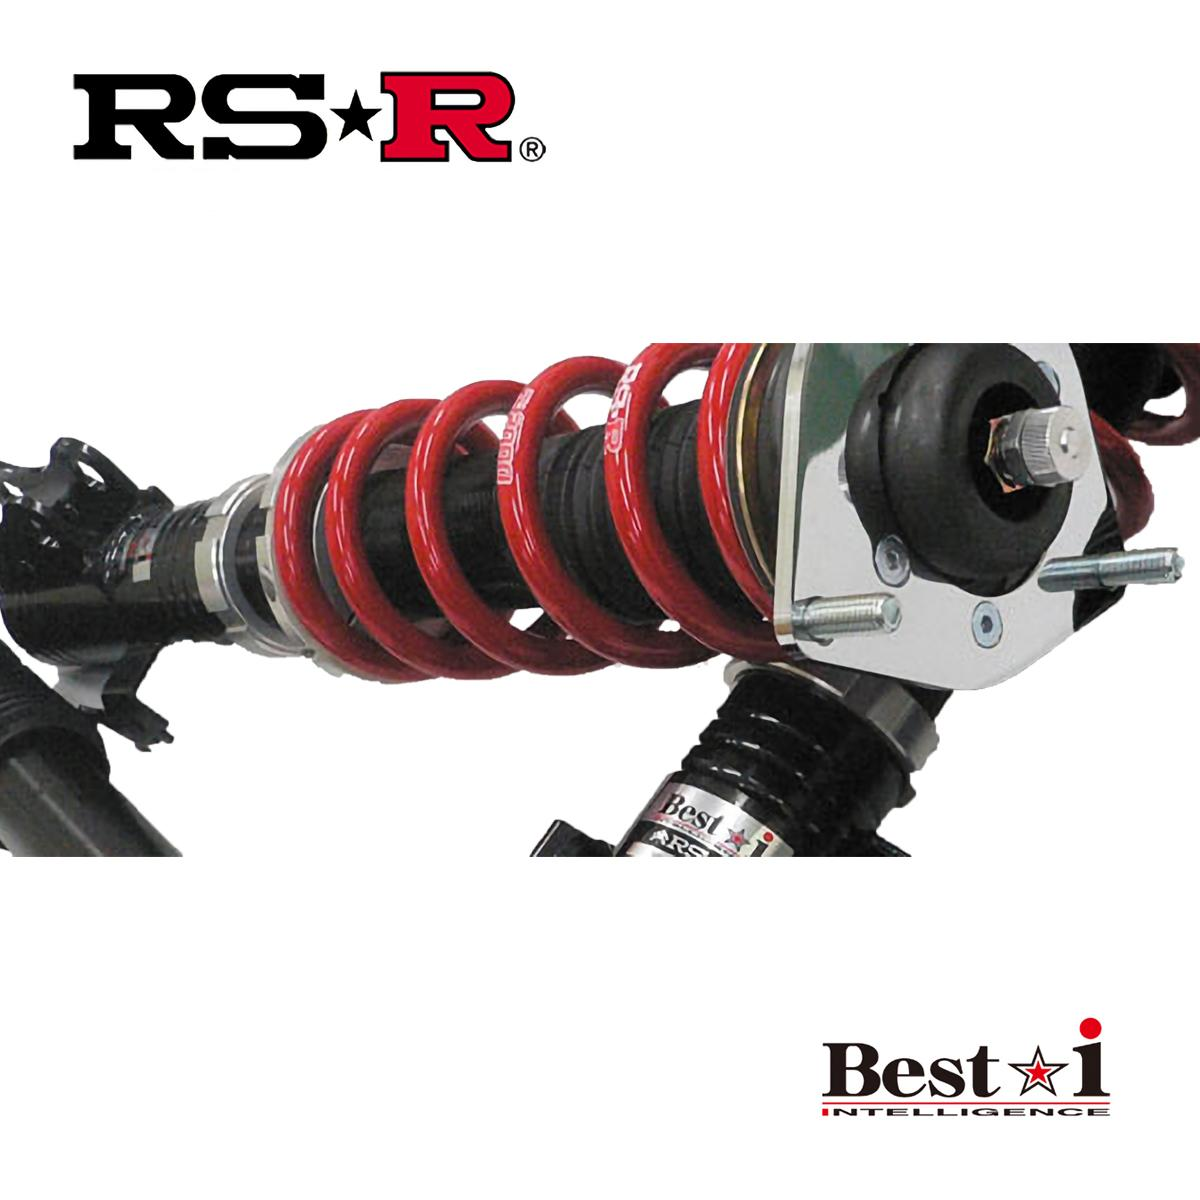 RS-R プリウス S ZVW50 車高調 リア車高調整:ネジ式/推奨バネレート仕様 BIT580M ベストi RSR 個人宅発送追金有